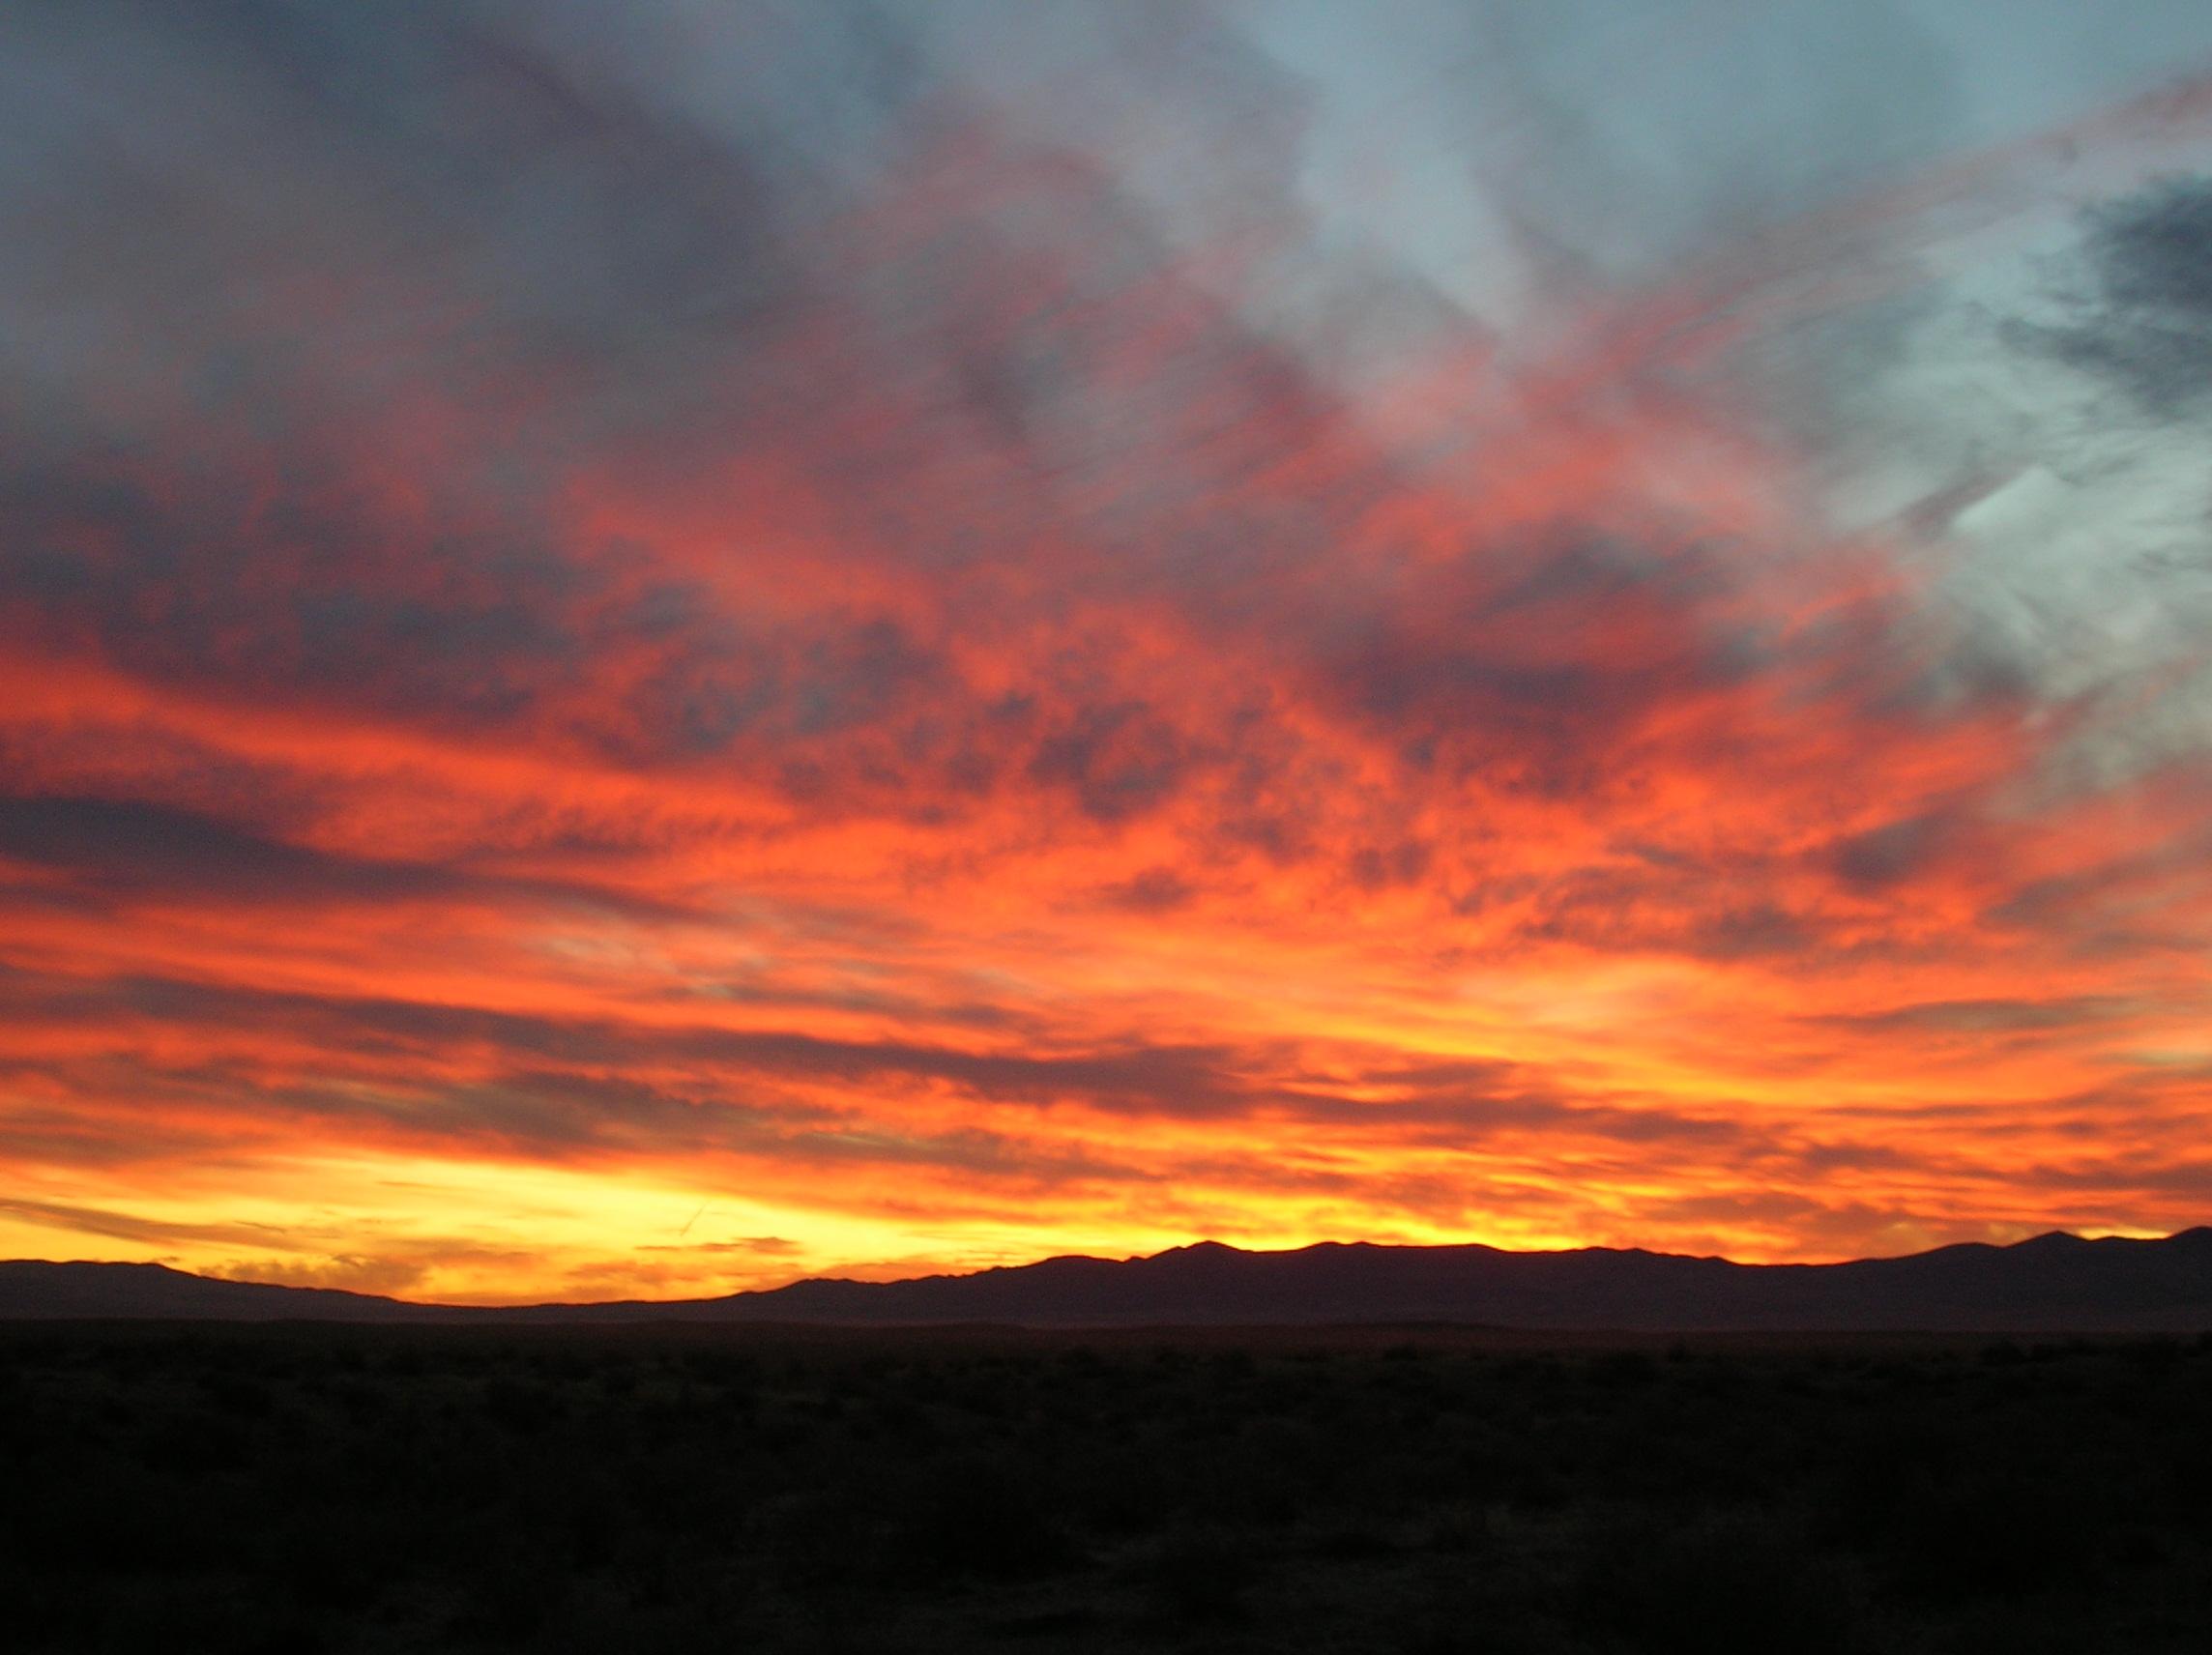 Desert Sunset: Rose | Where God Takes Me